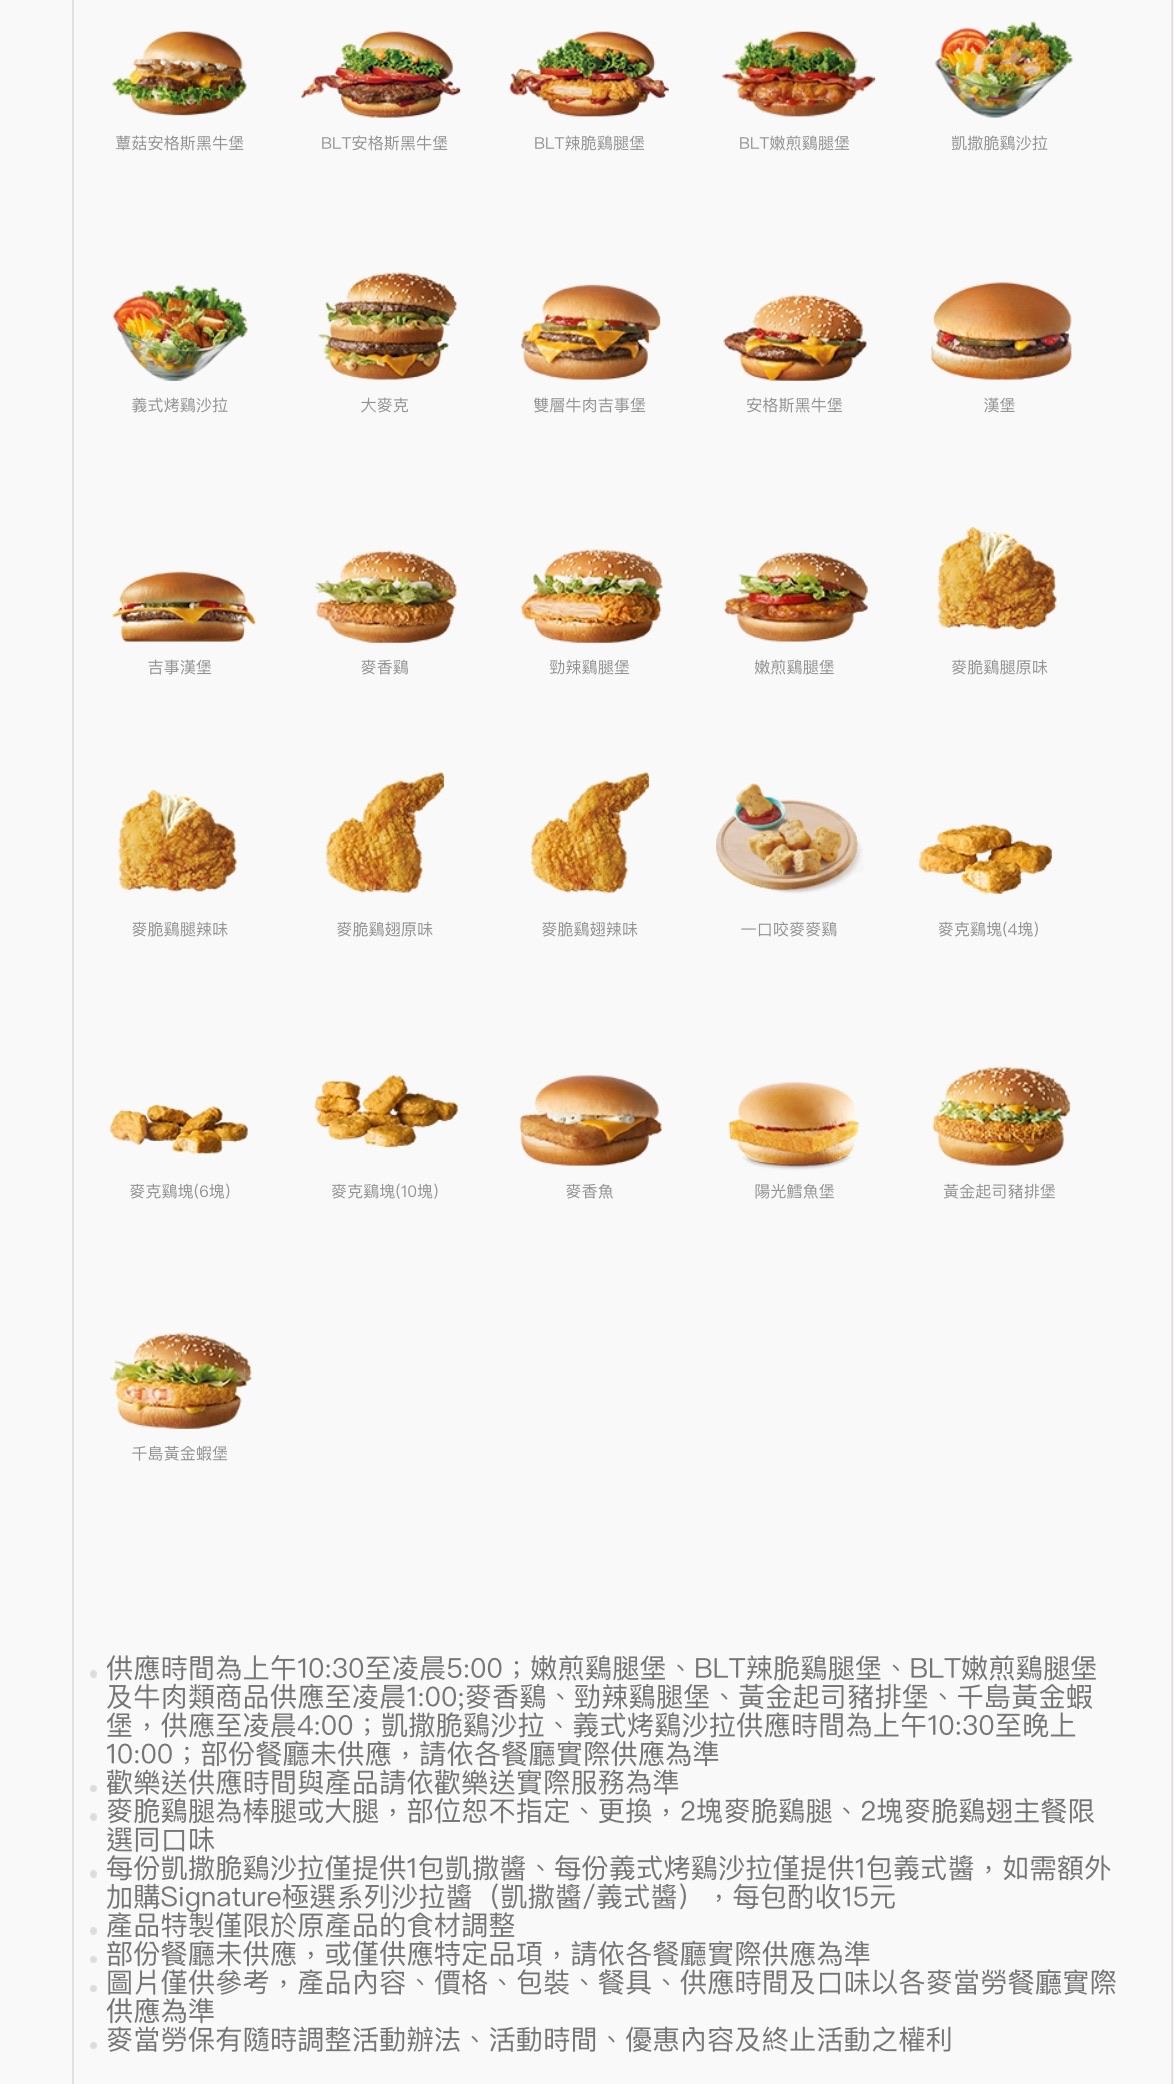 【菜單】麥當勞菜單 – 2020年新菜單|1+1=50元新菜單| McDonalds超值全餐價目表 | 癡吃的玩